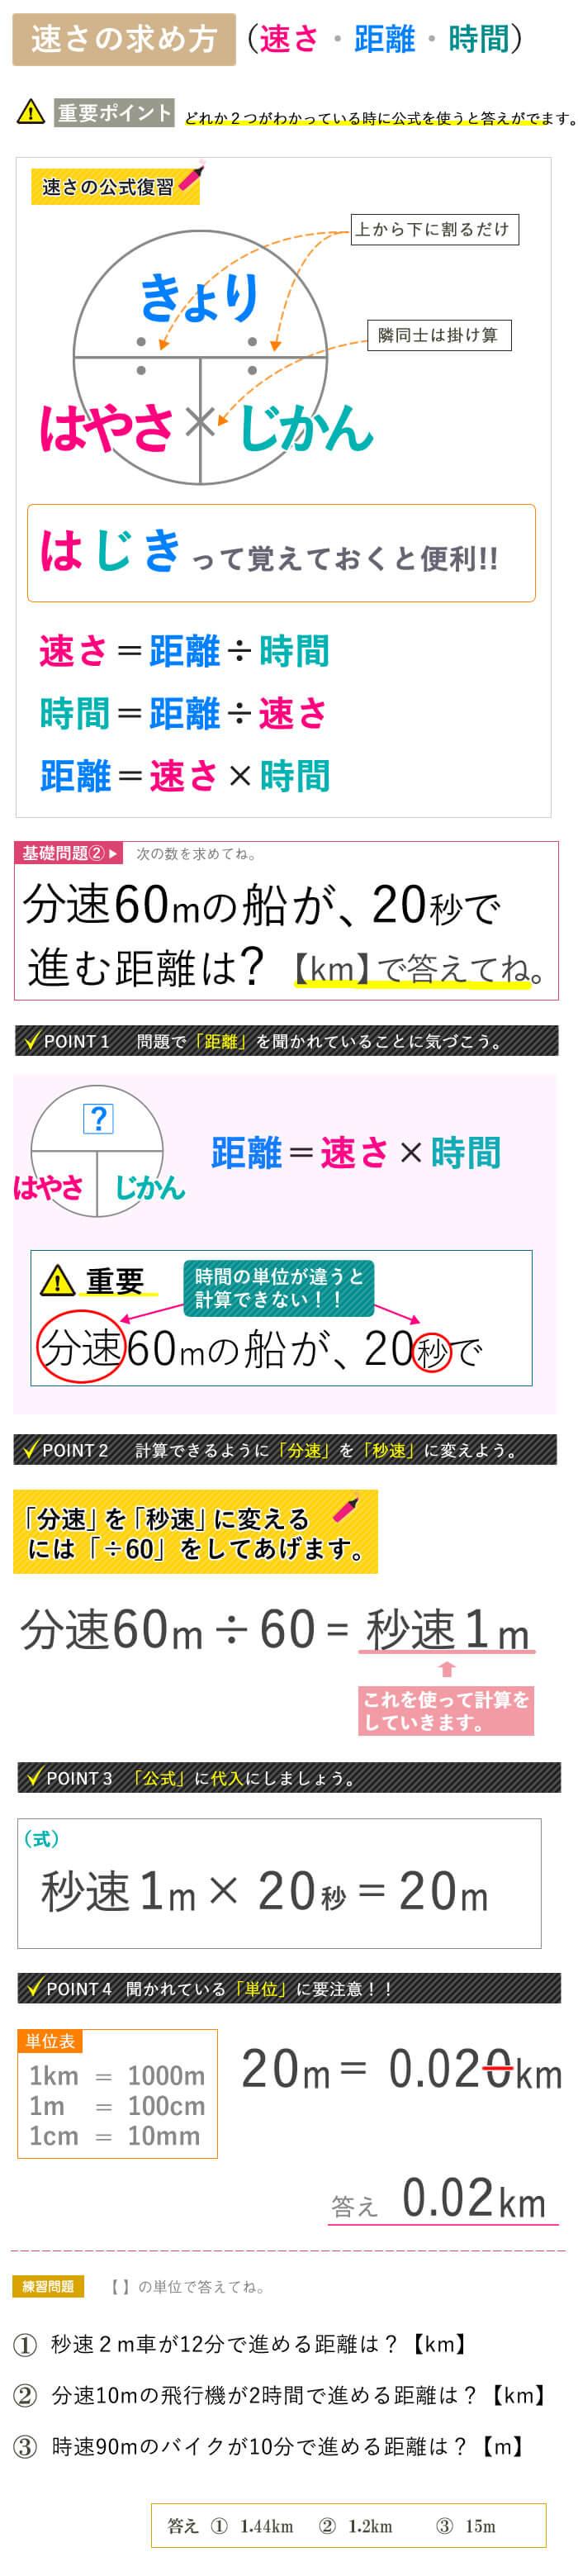 看護予備校大阪KAZアカデミーの速さの距離の説明